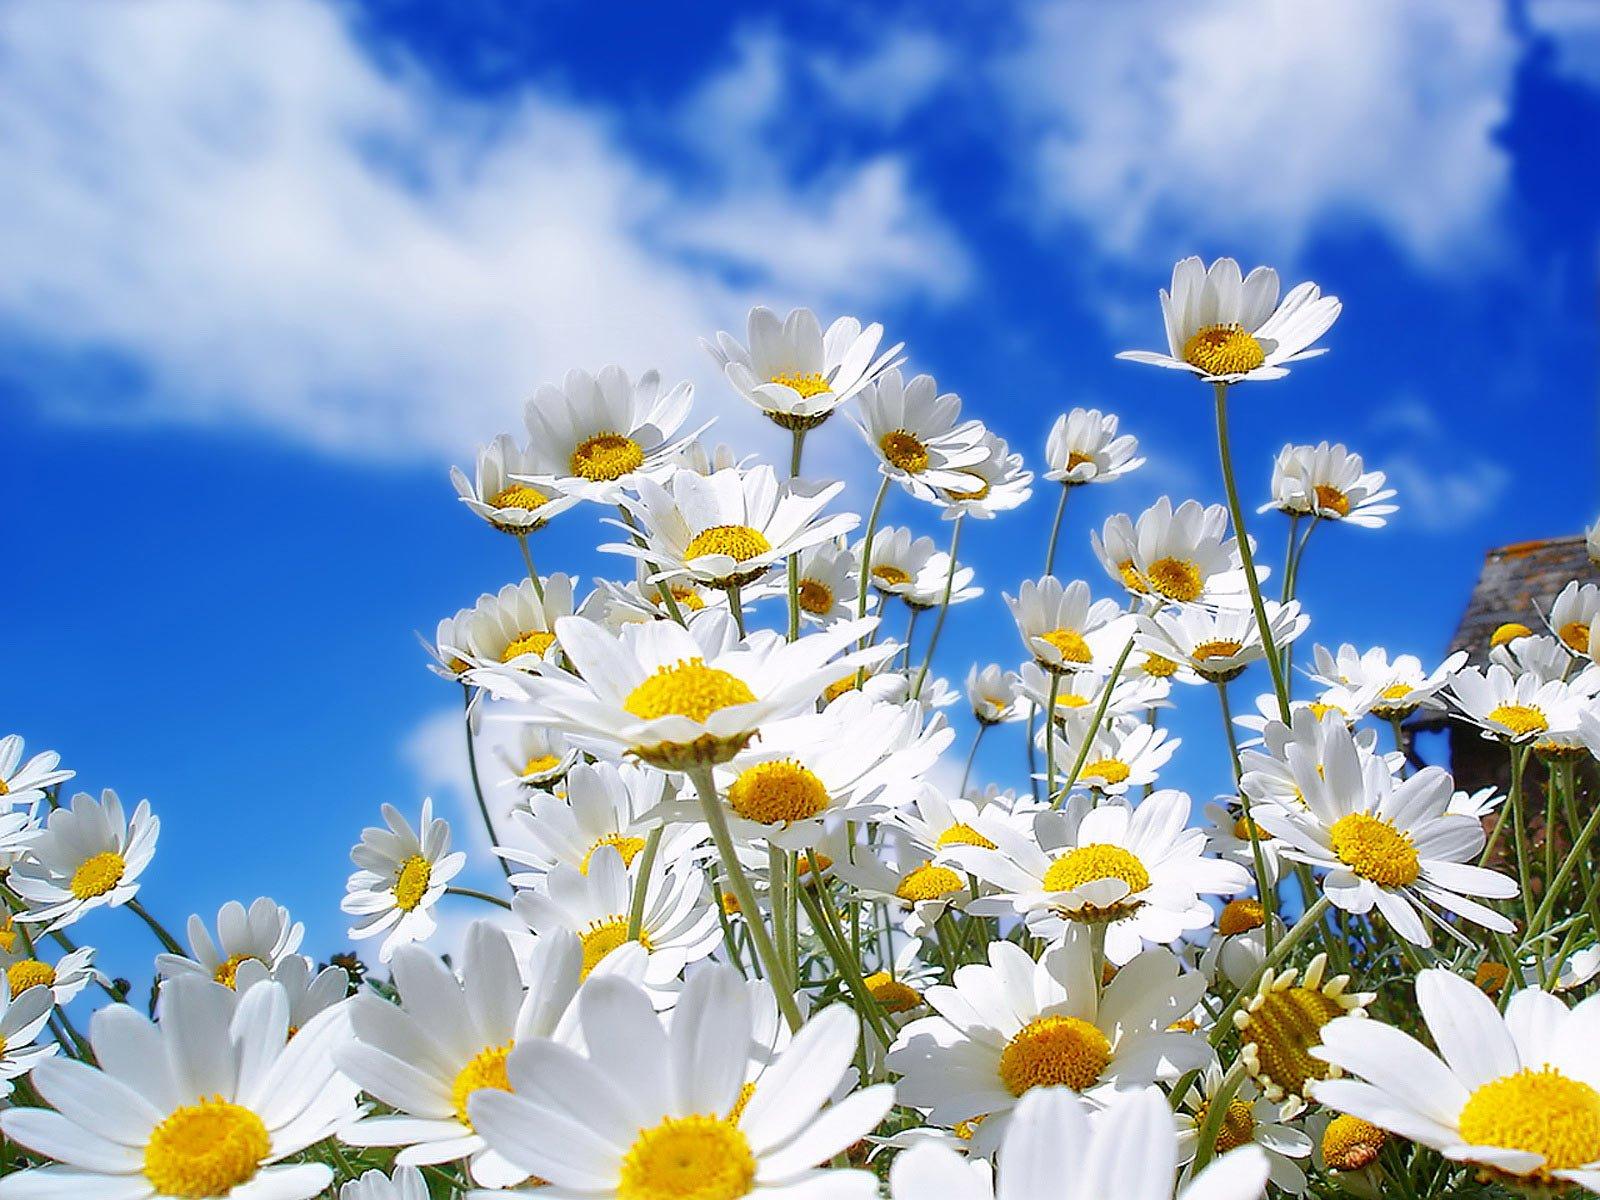 Çiçekler ve gökyüzü-79